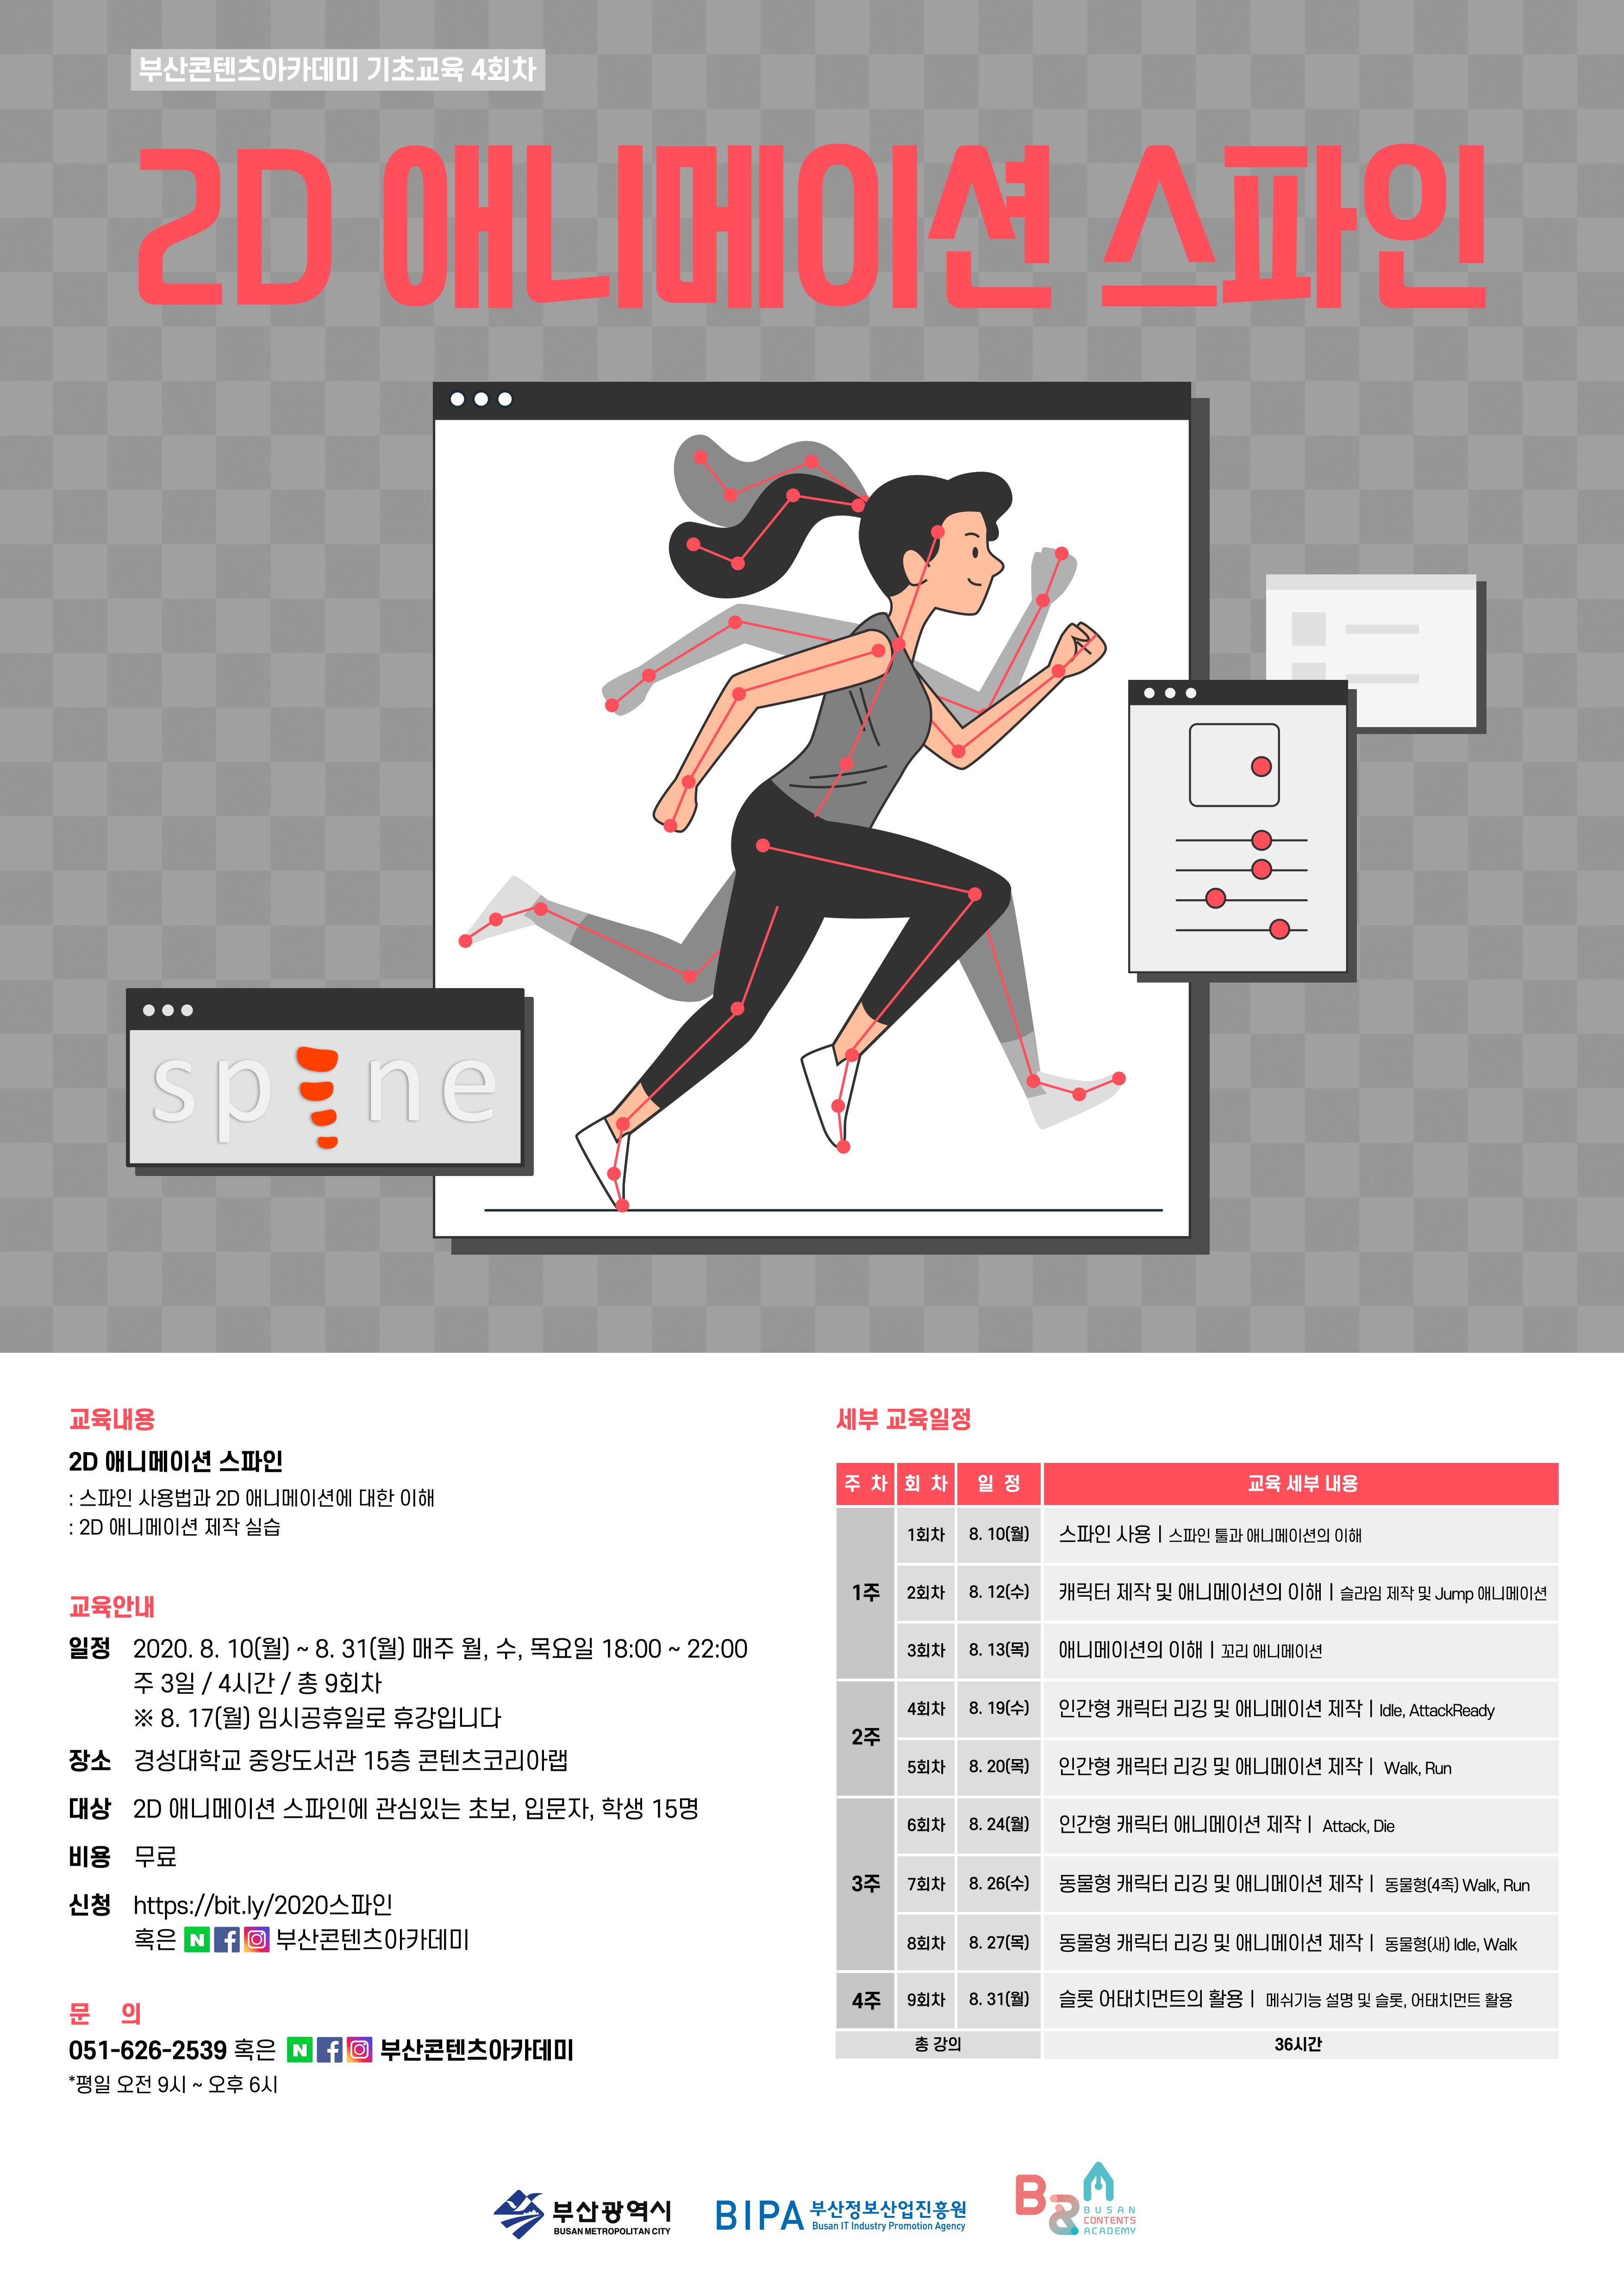 부산콘텐츠아카데미 기초과정 4회차 <2D 애니메이션 스파인>